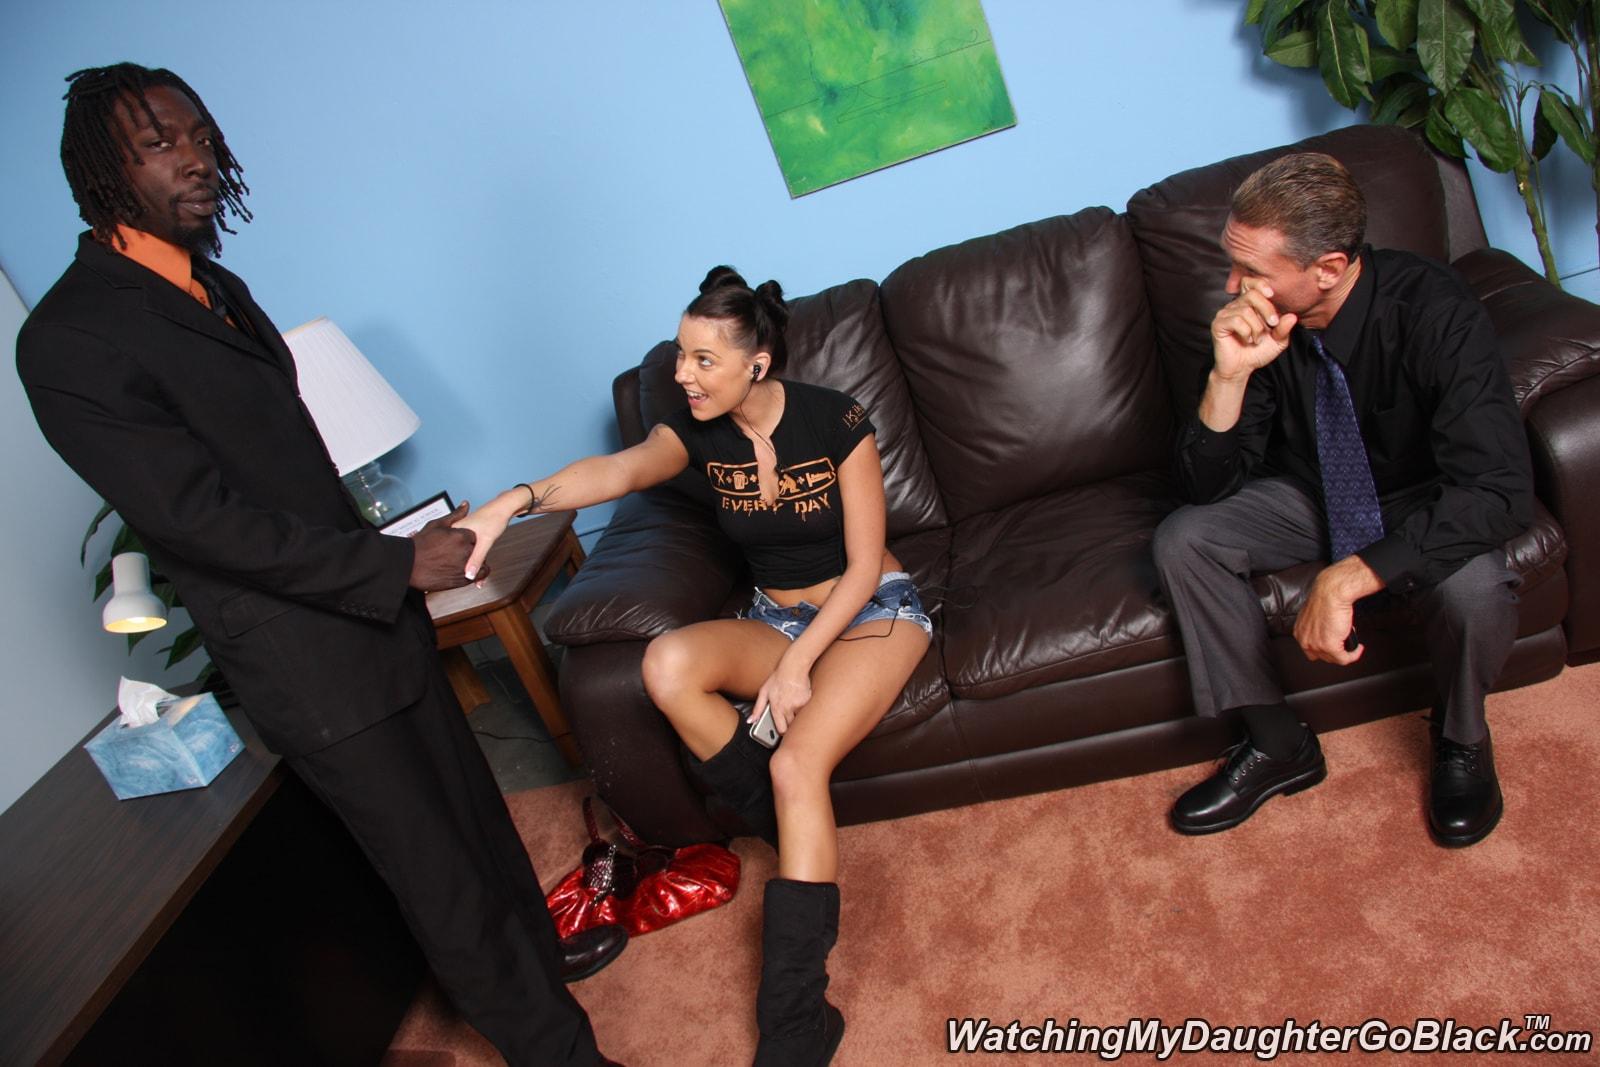 Трахают жену в присутствии мужа смотреть онлайн 5 фотография